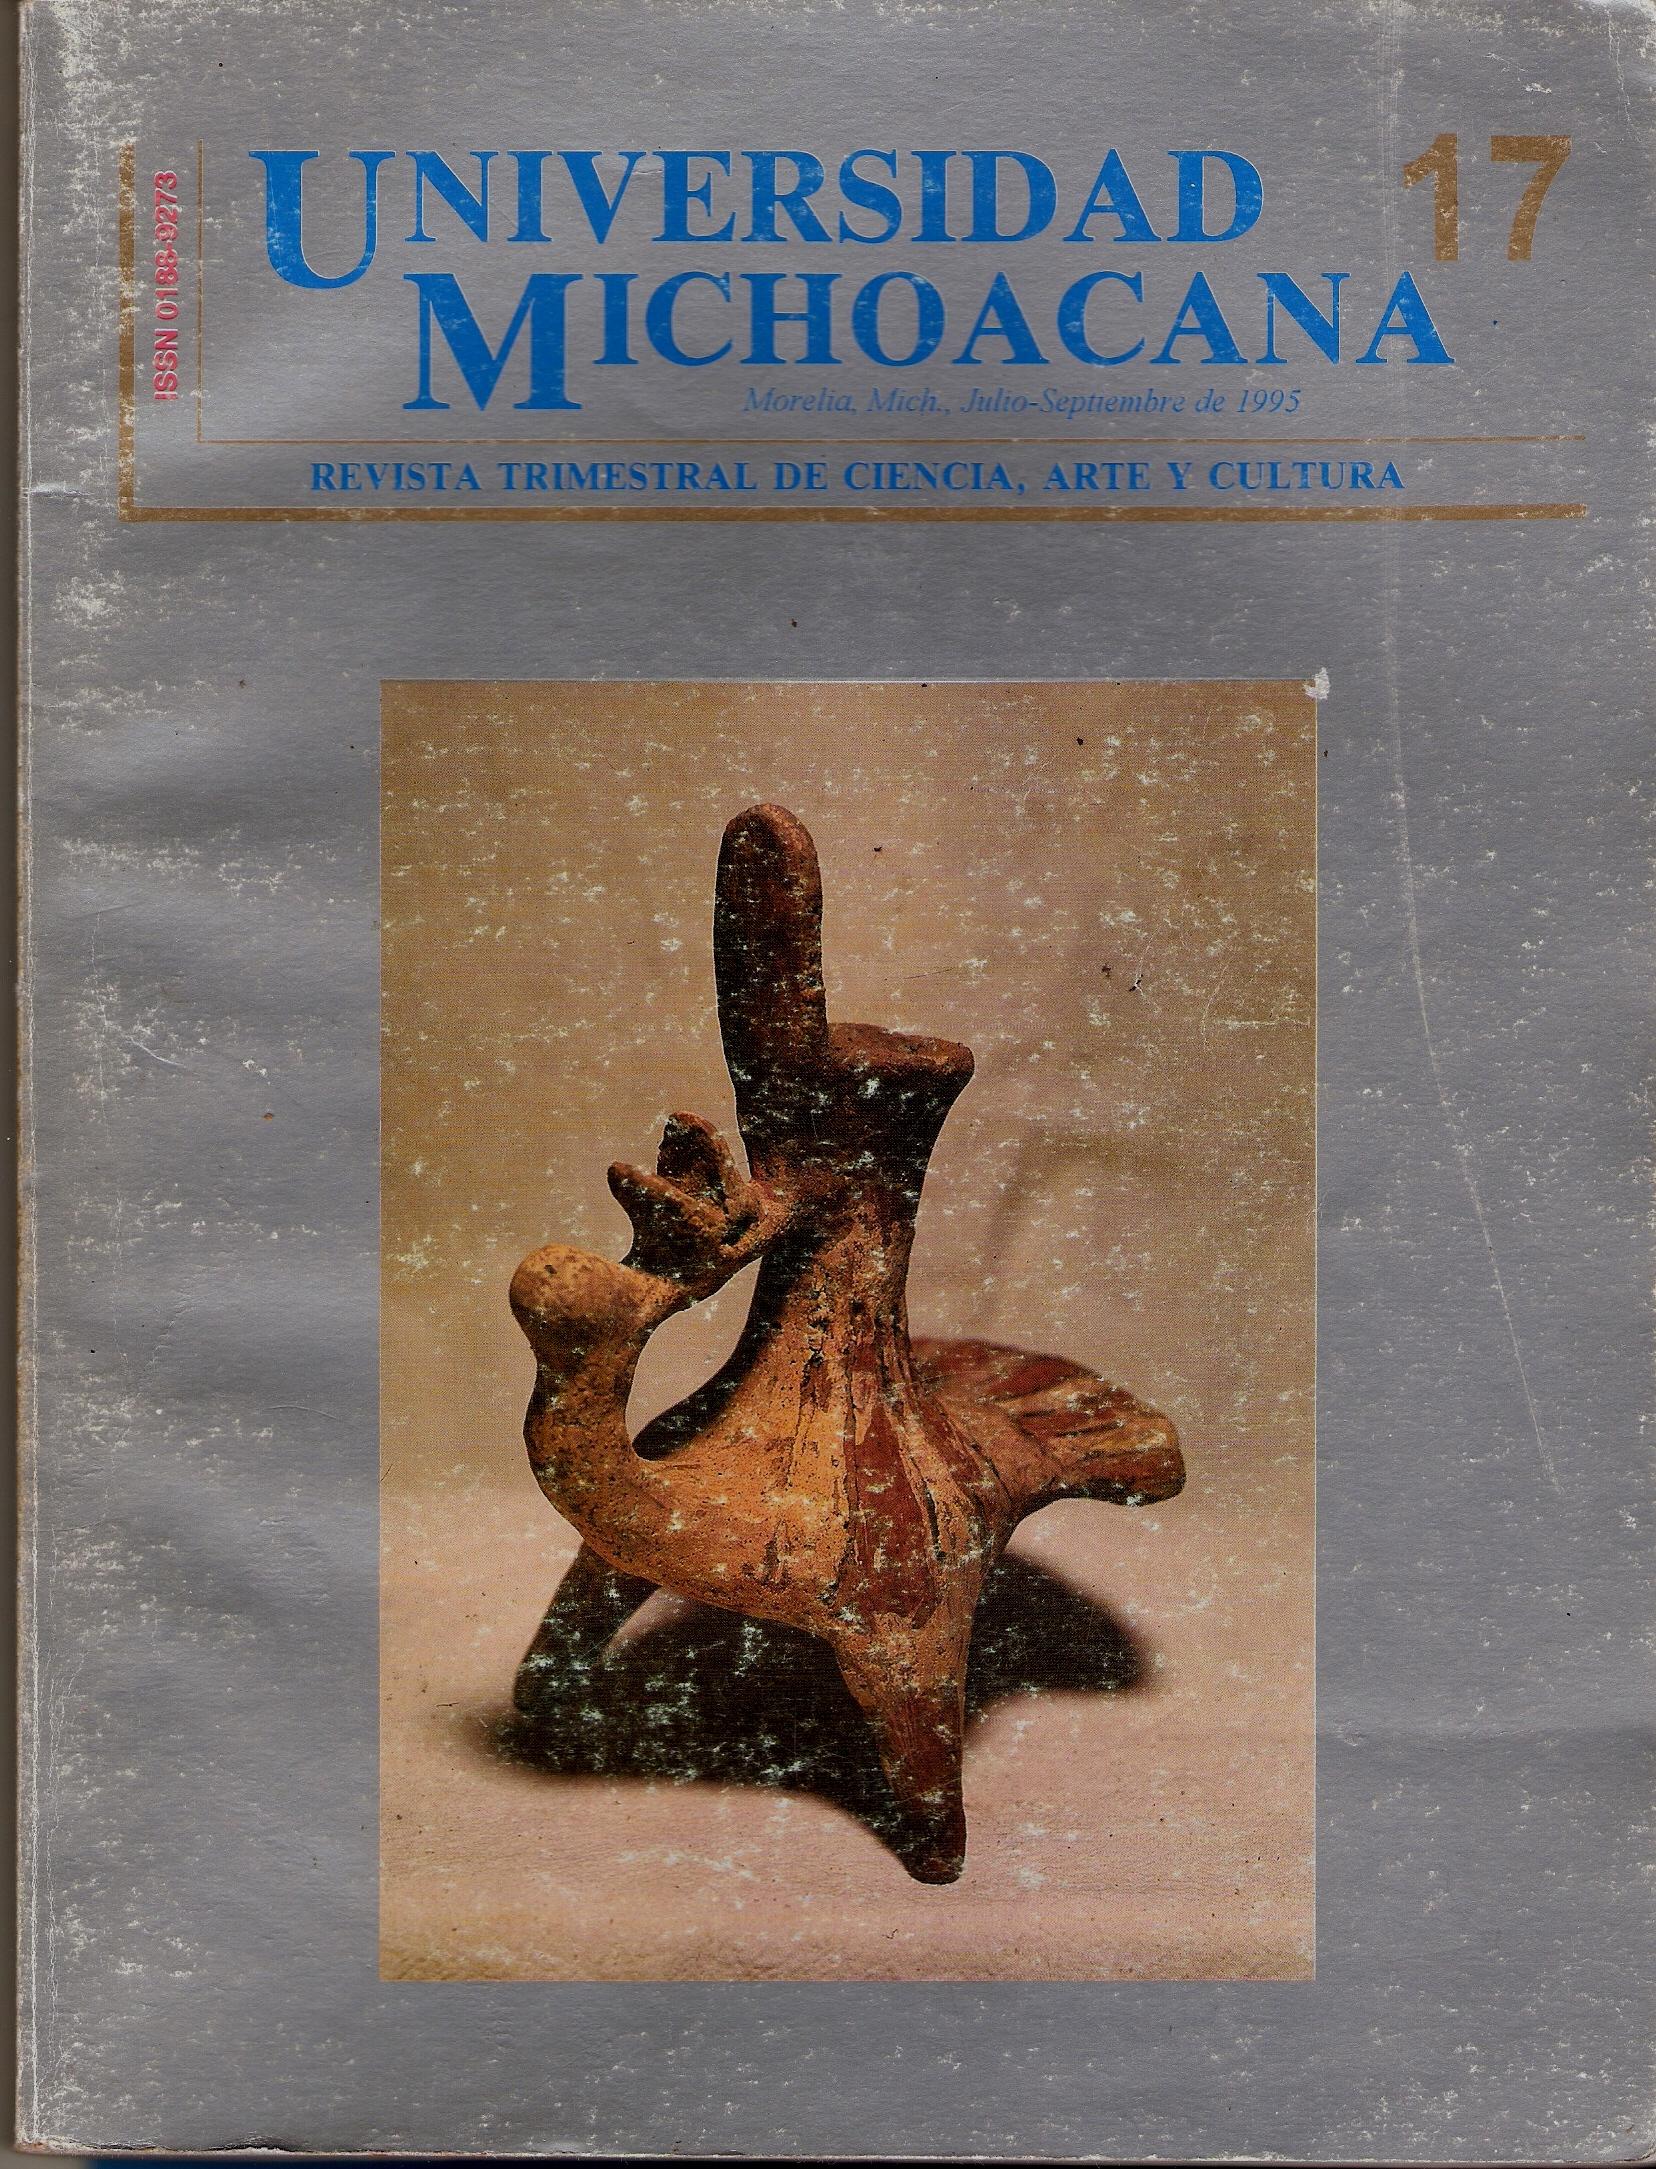 Revista Universidad Michoacana No. 17 de 1995